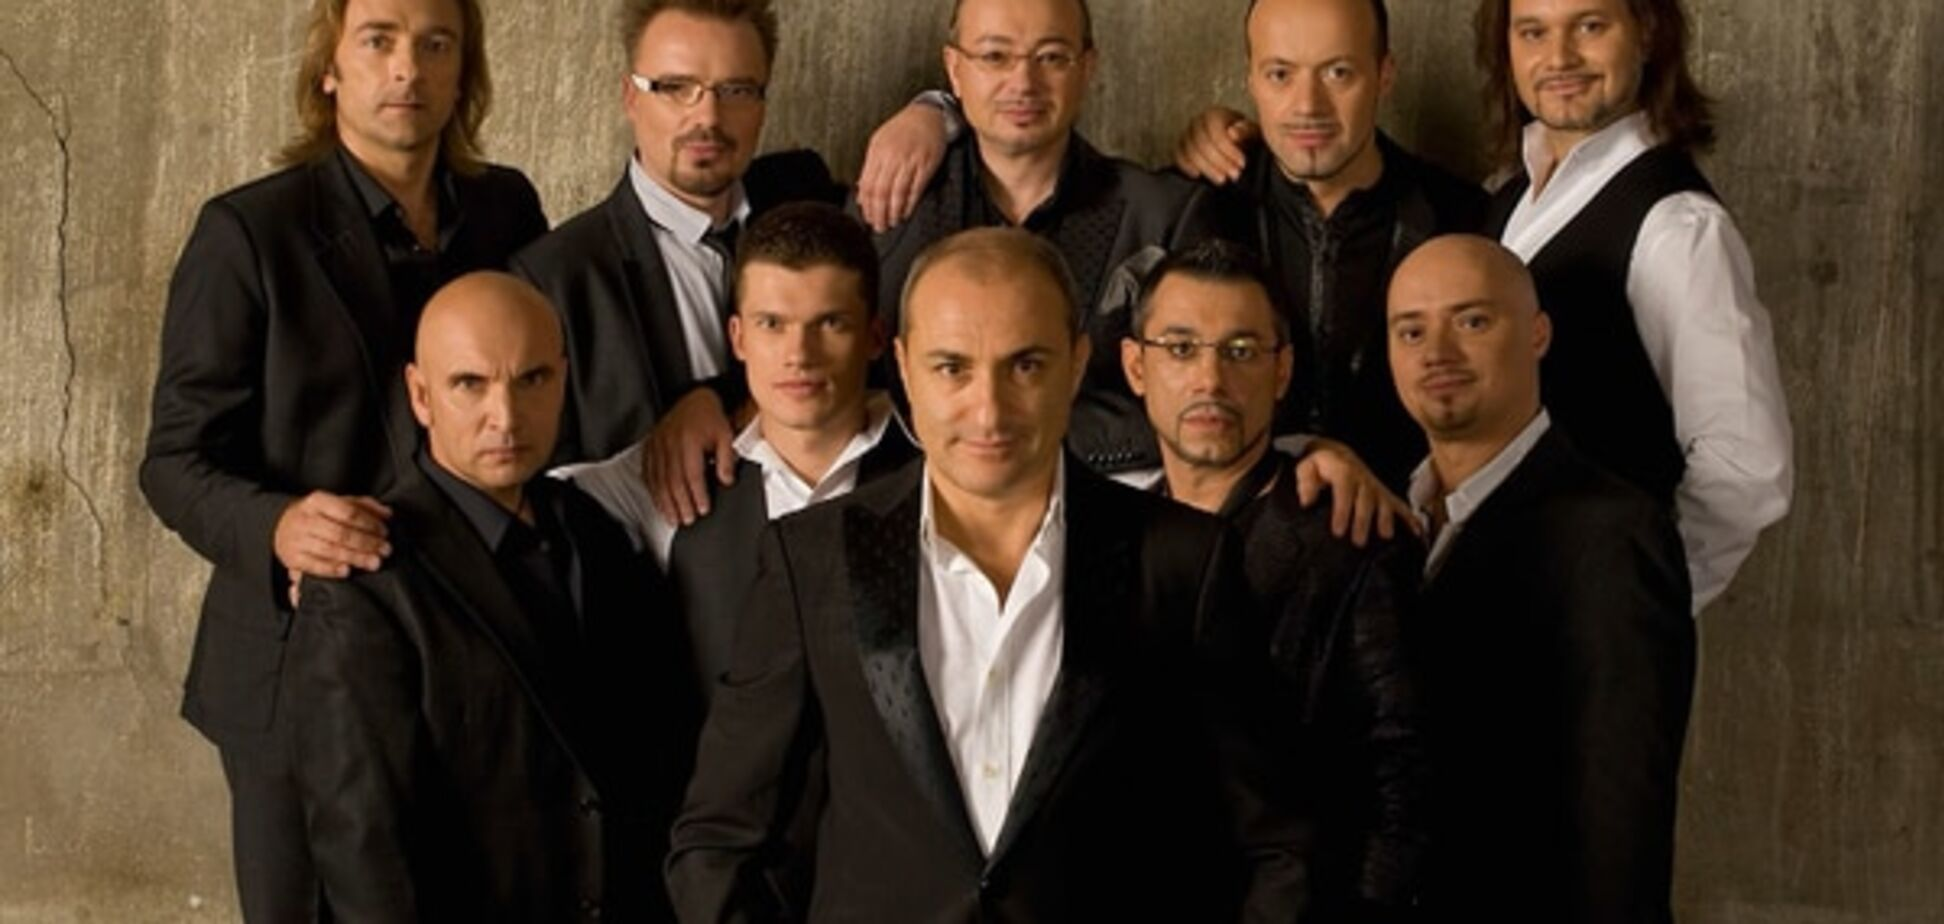 Засновник 'Хору Турецького' має намір змінити прізвище та назву групи